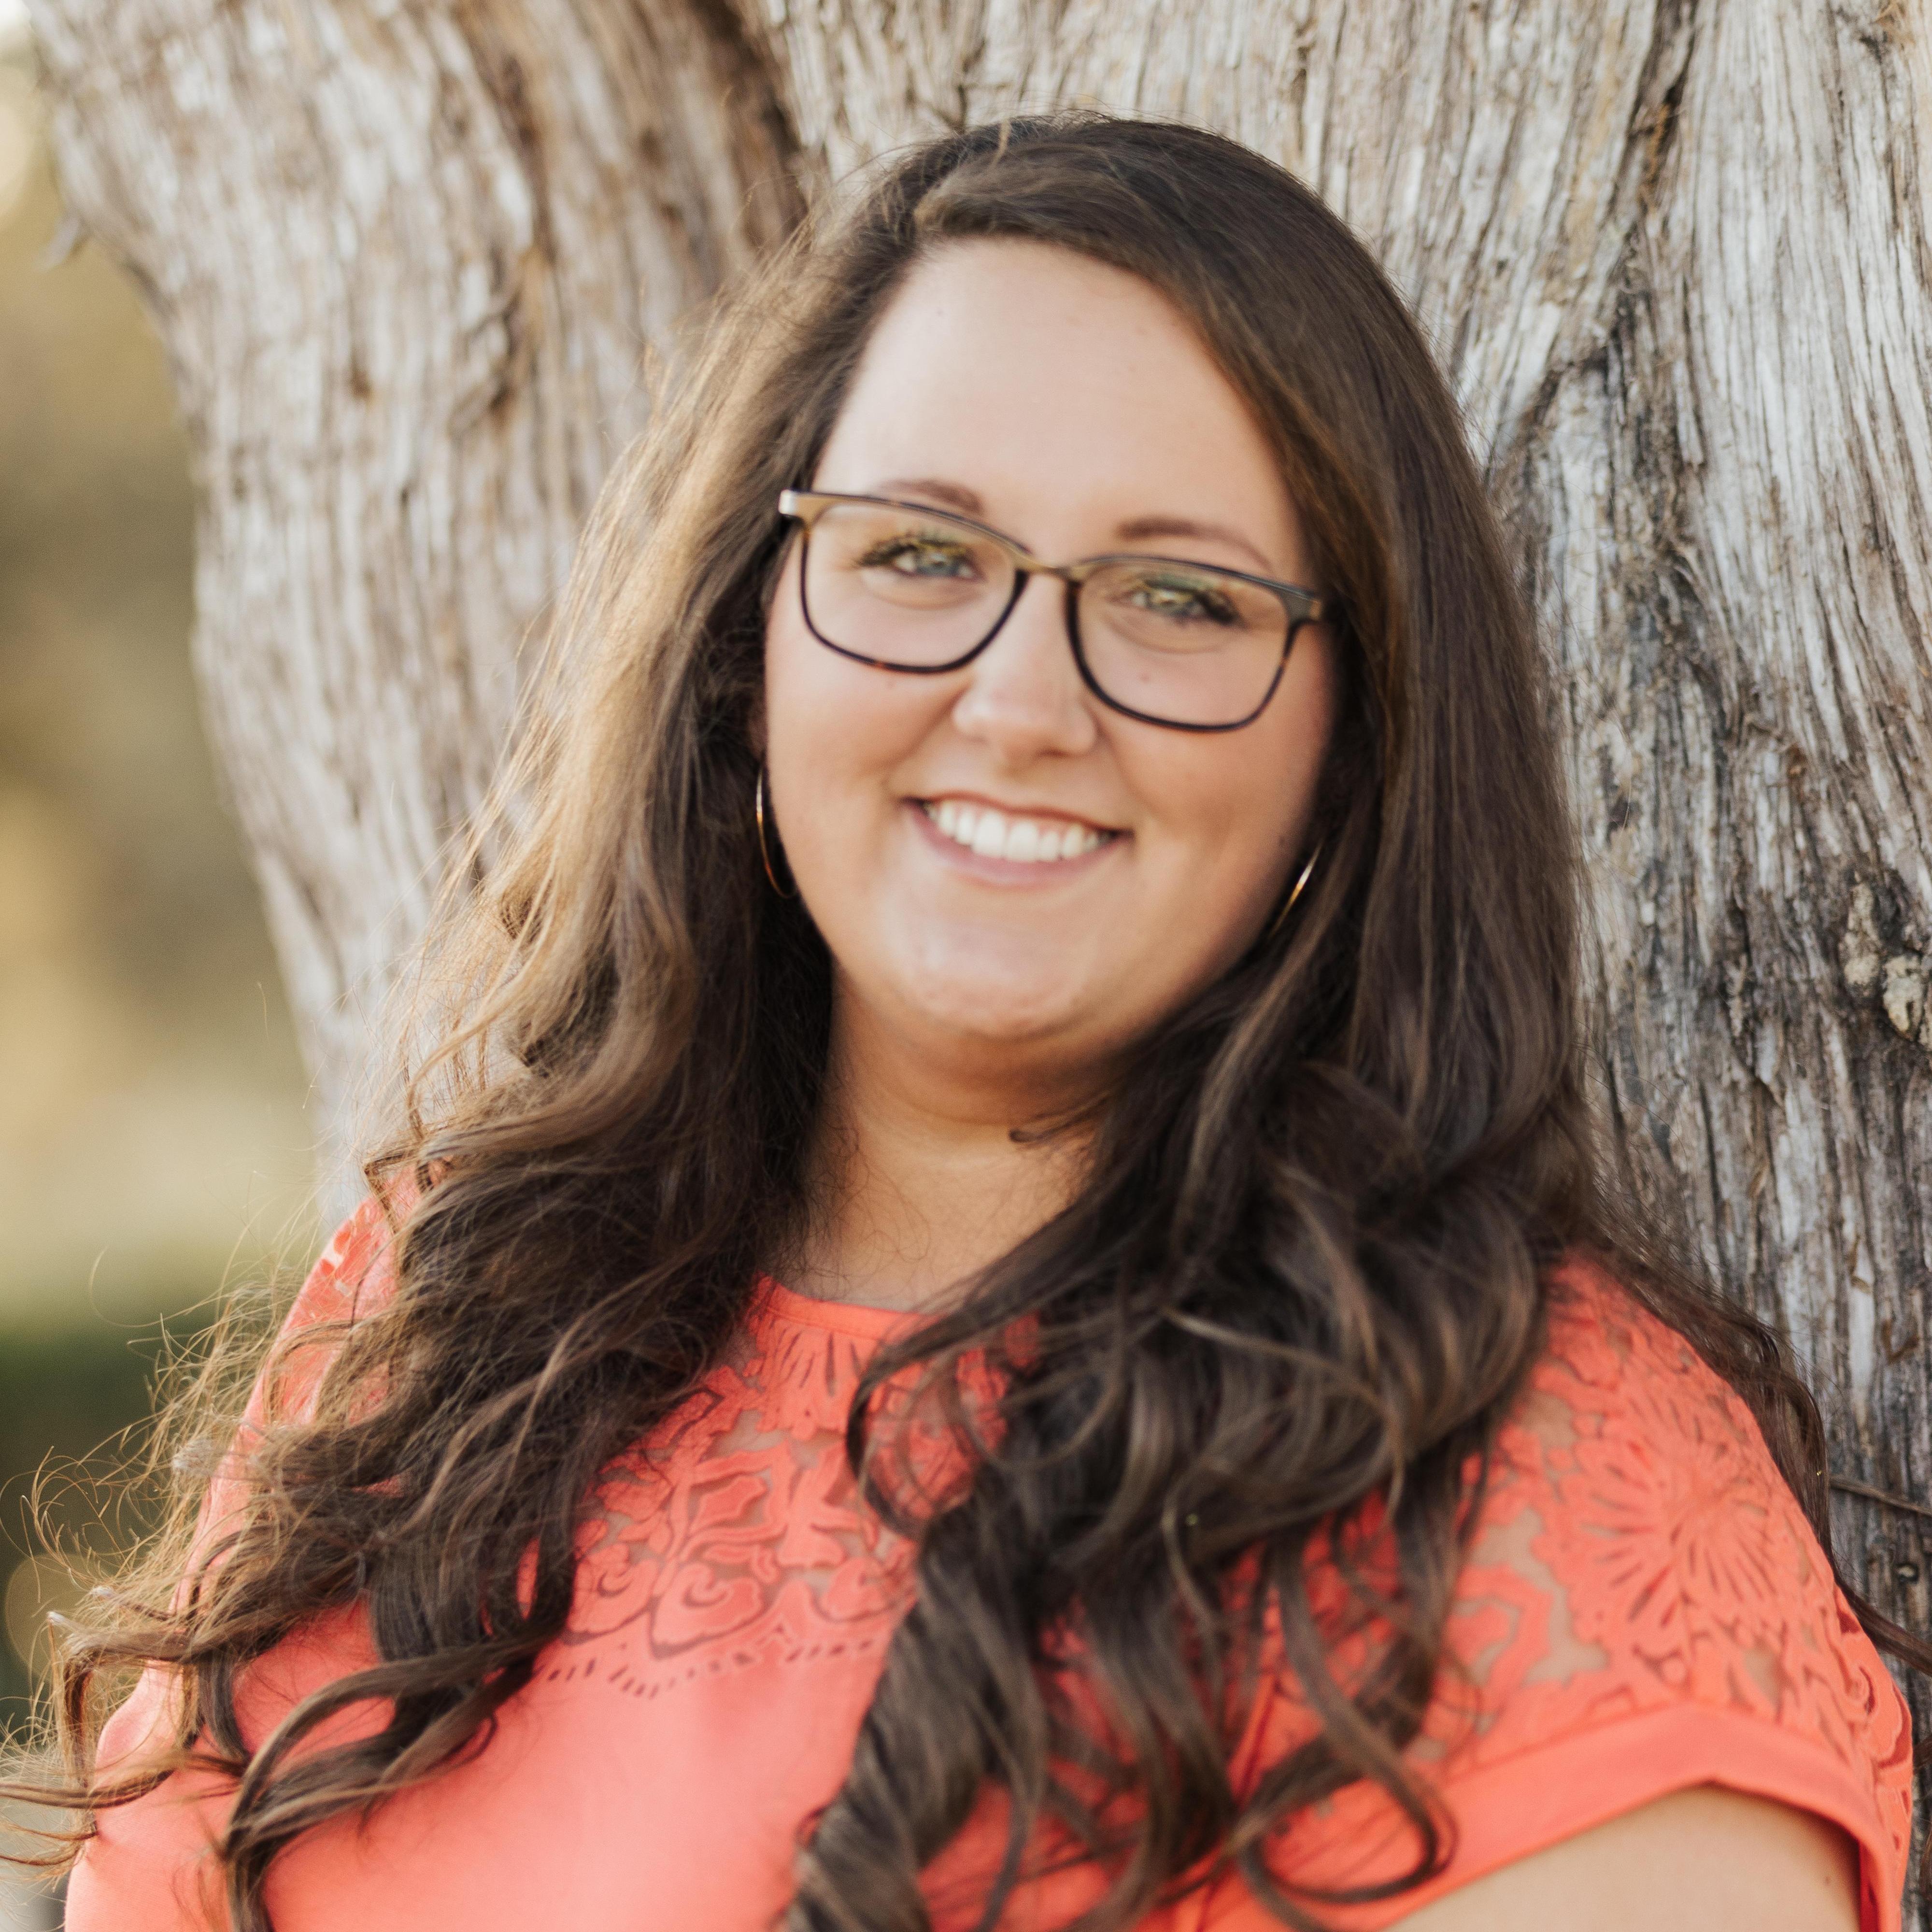 Kayla Laughinghouse's Profile Photo